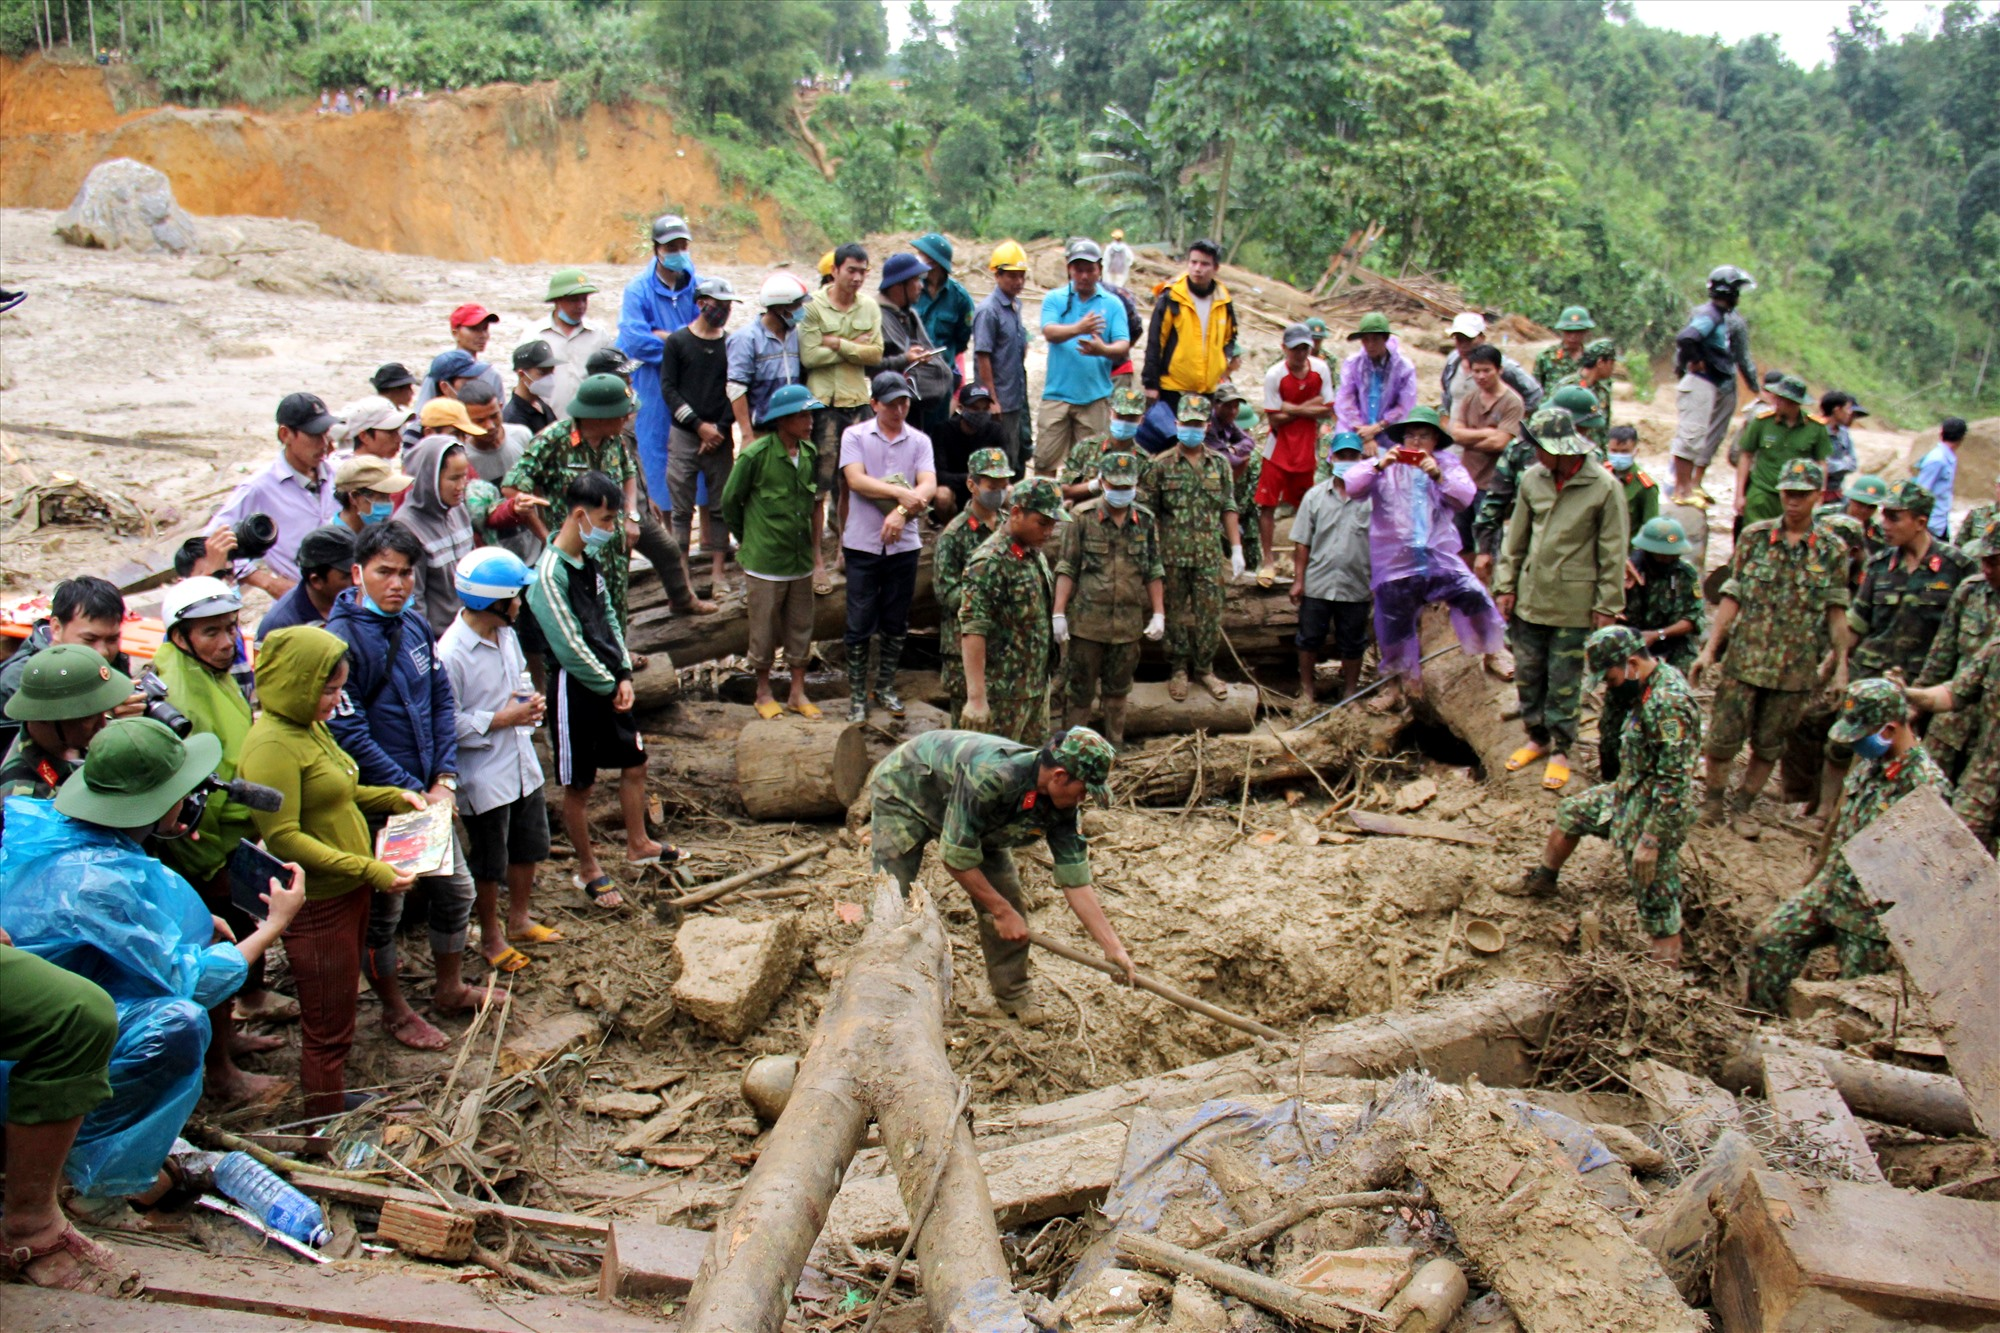 Rất đông người dân theo dõi lực lượng cứu hộ tìm kiếm cácn nạn nhất mất tích. Ảnh: P.V